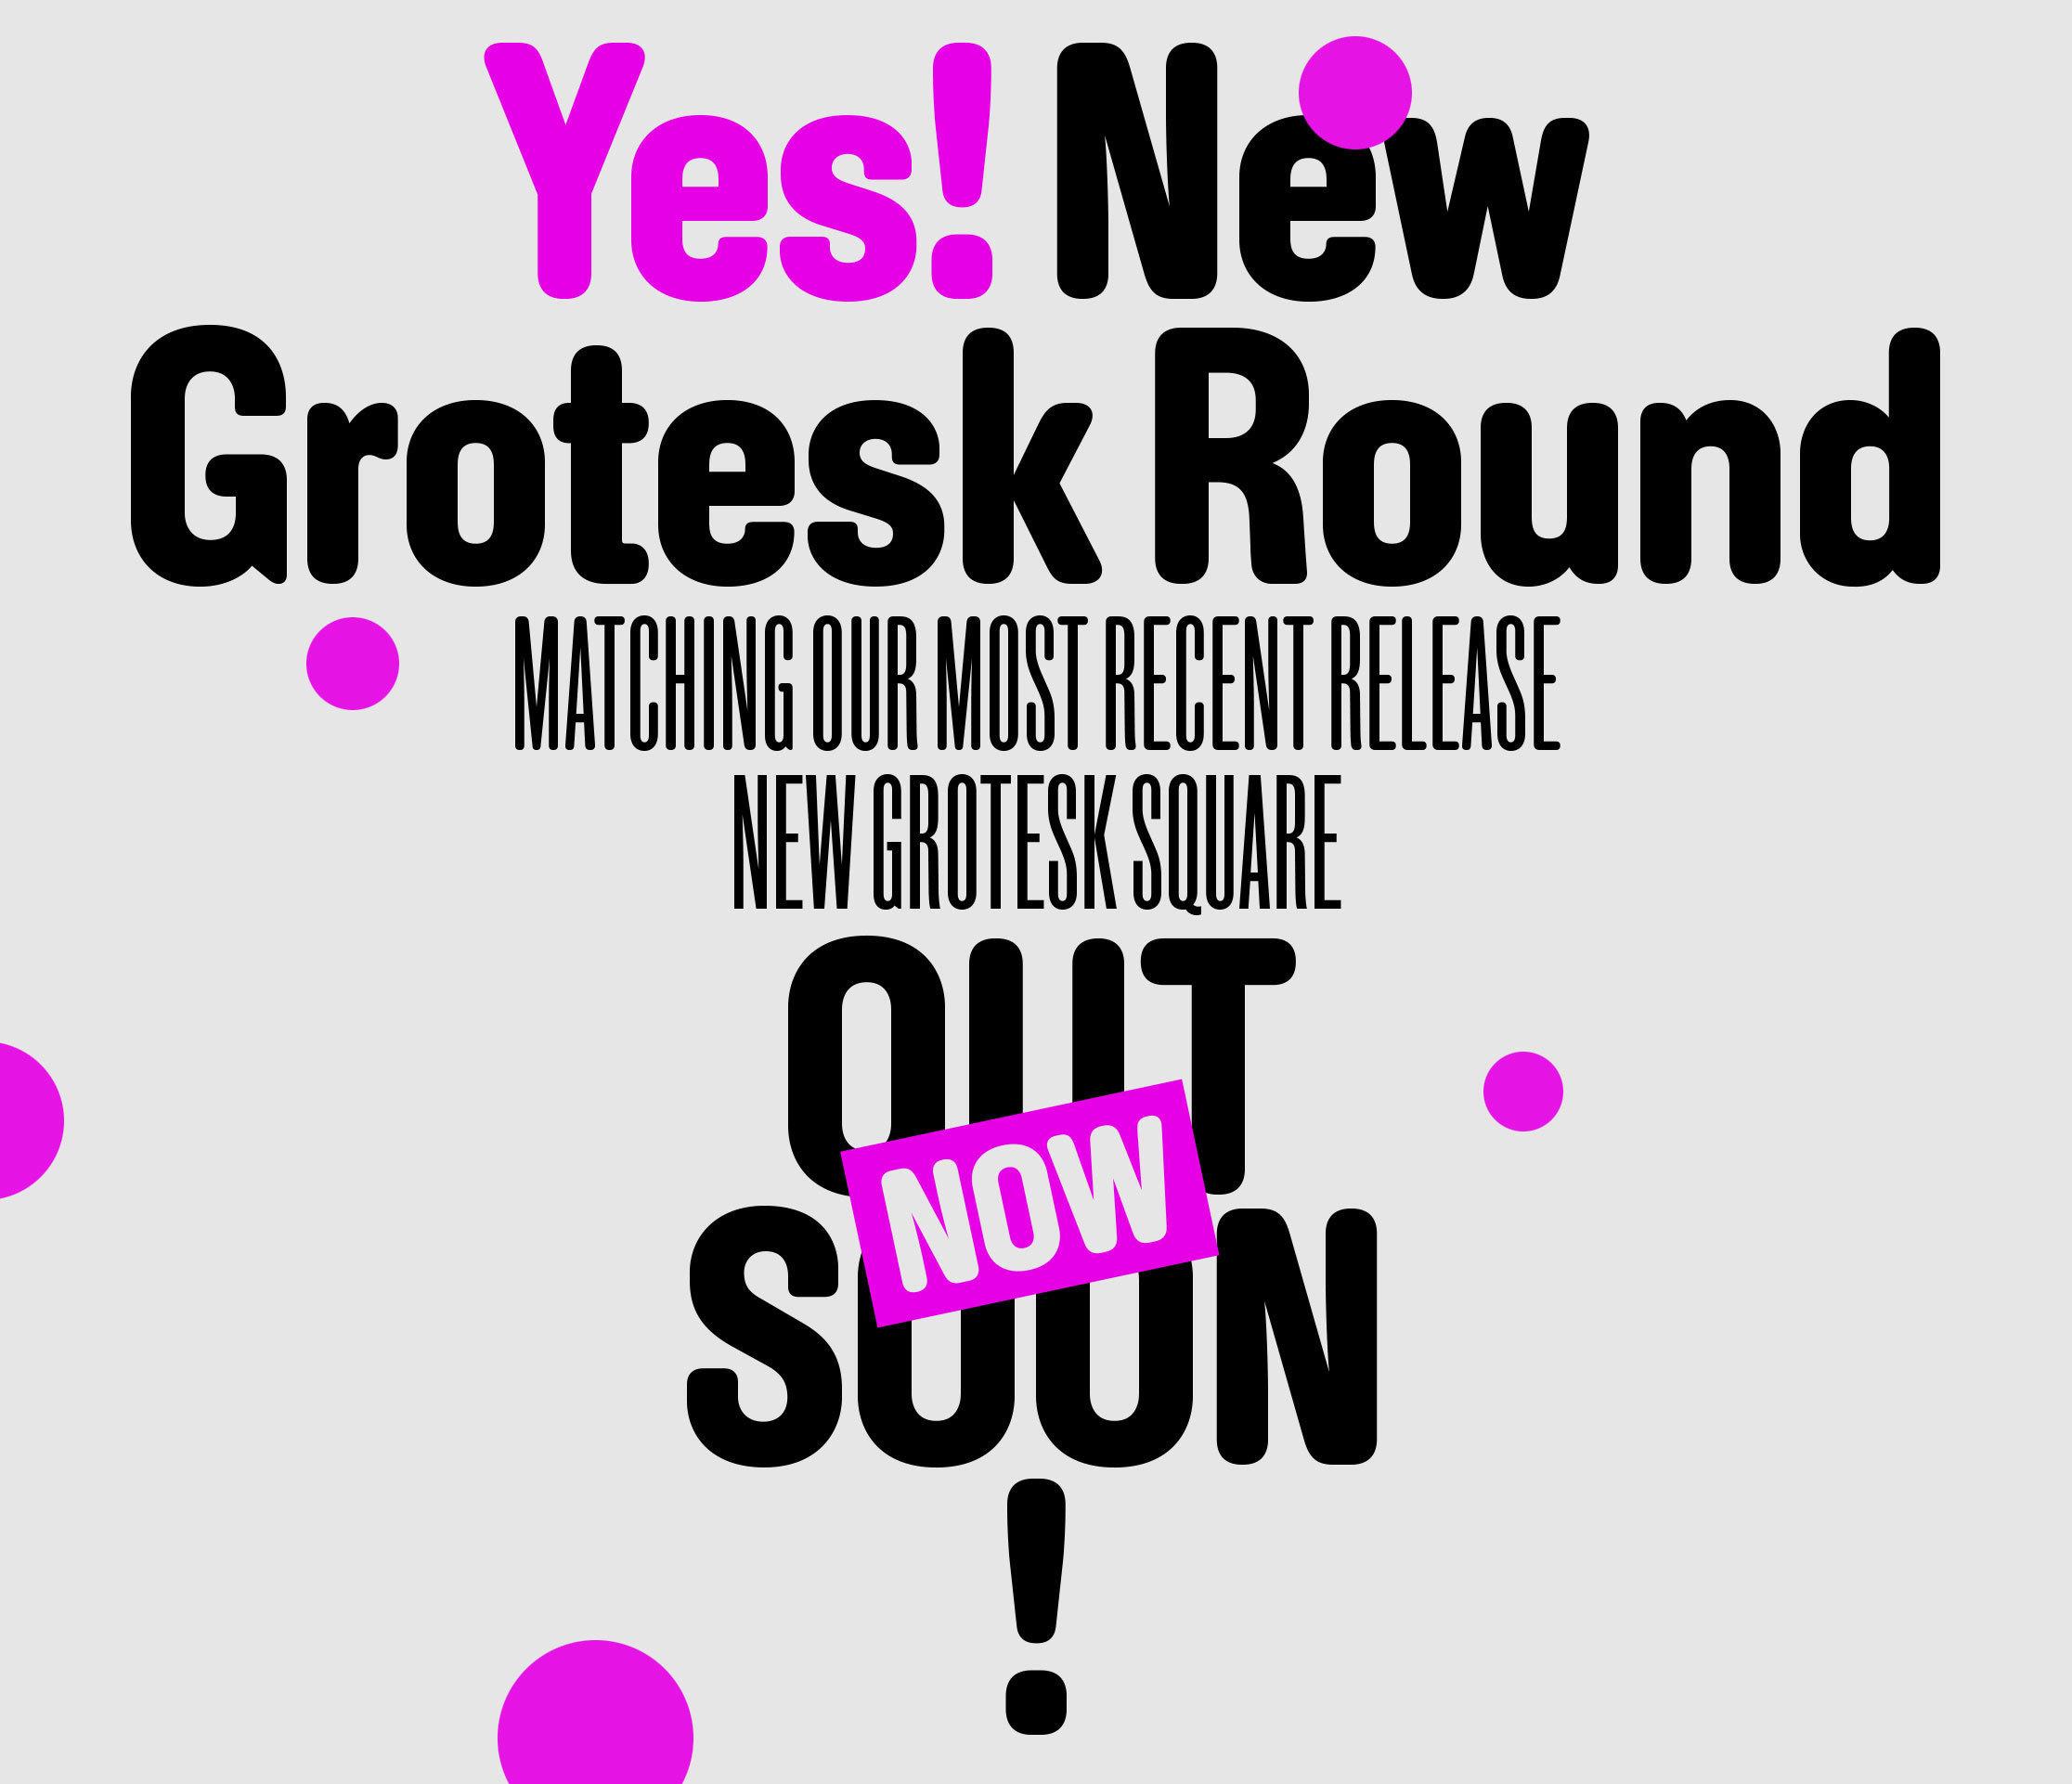 New Grotesk Round sample